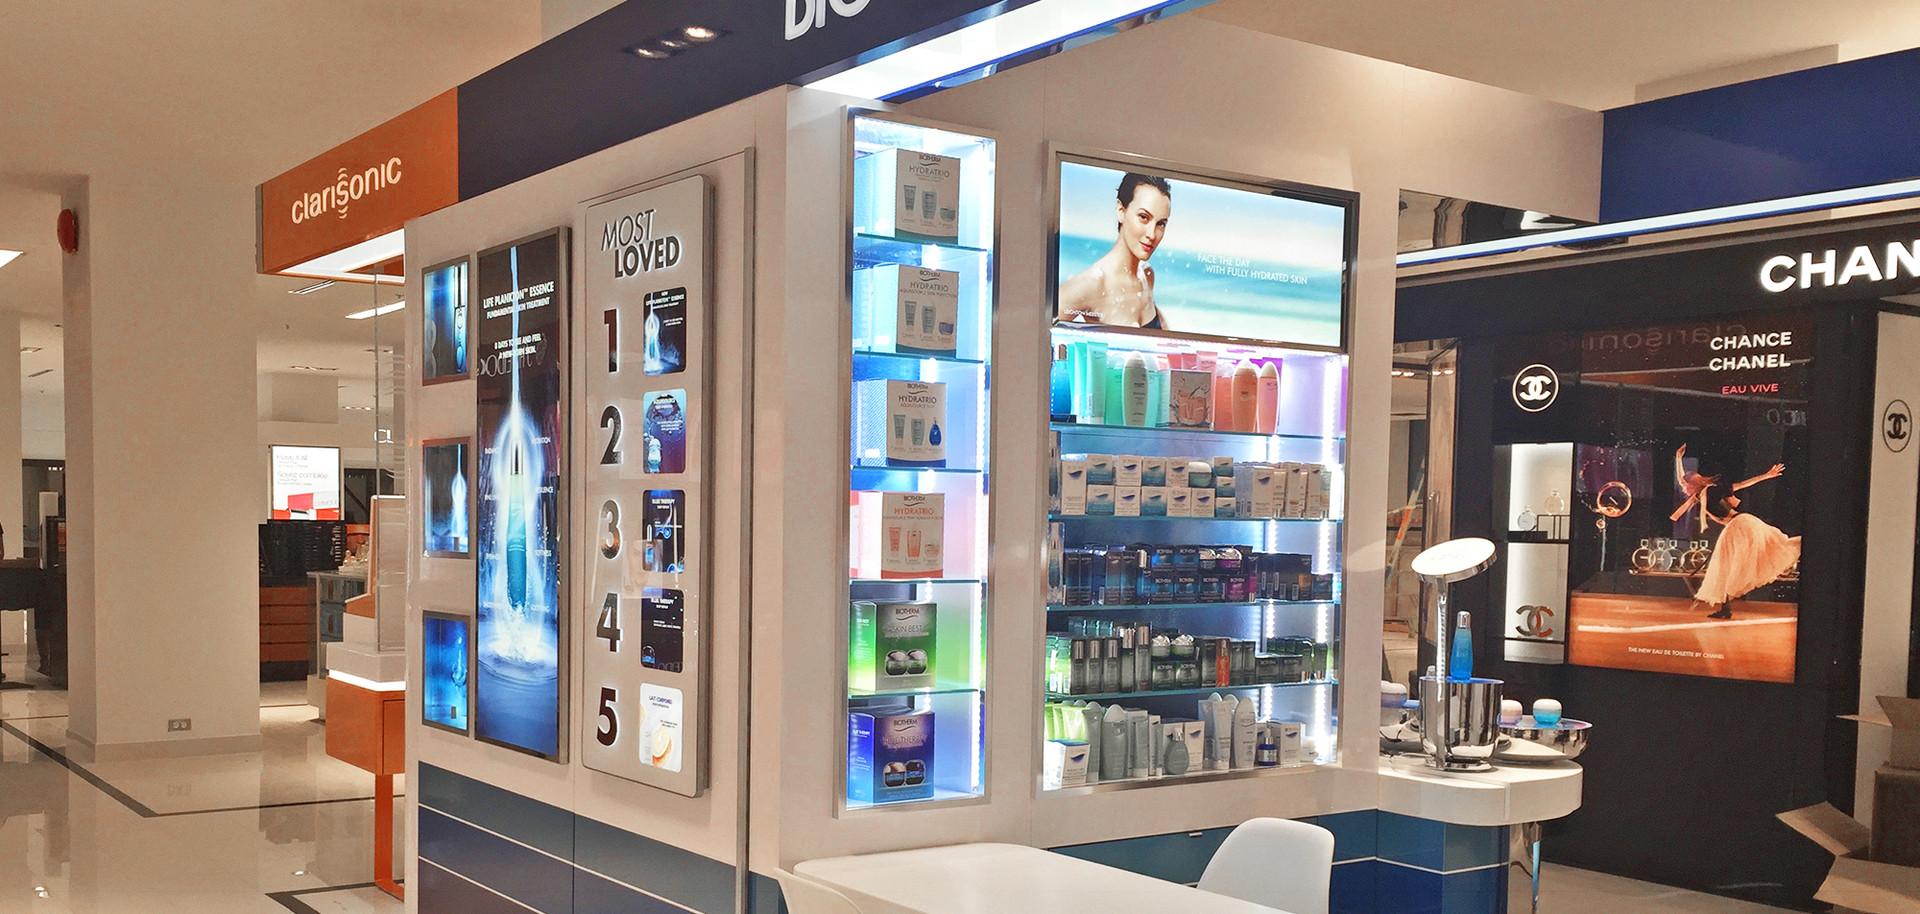 Biotherm pop up kiosk